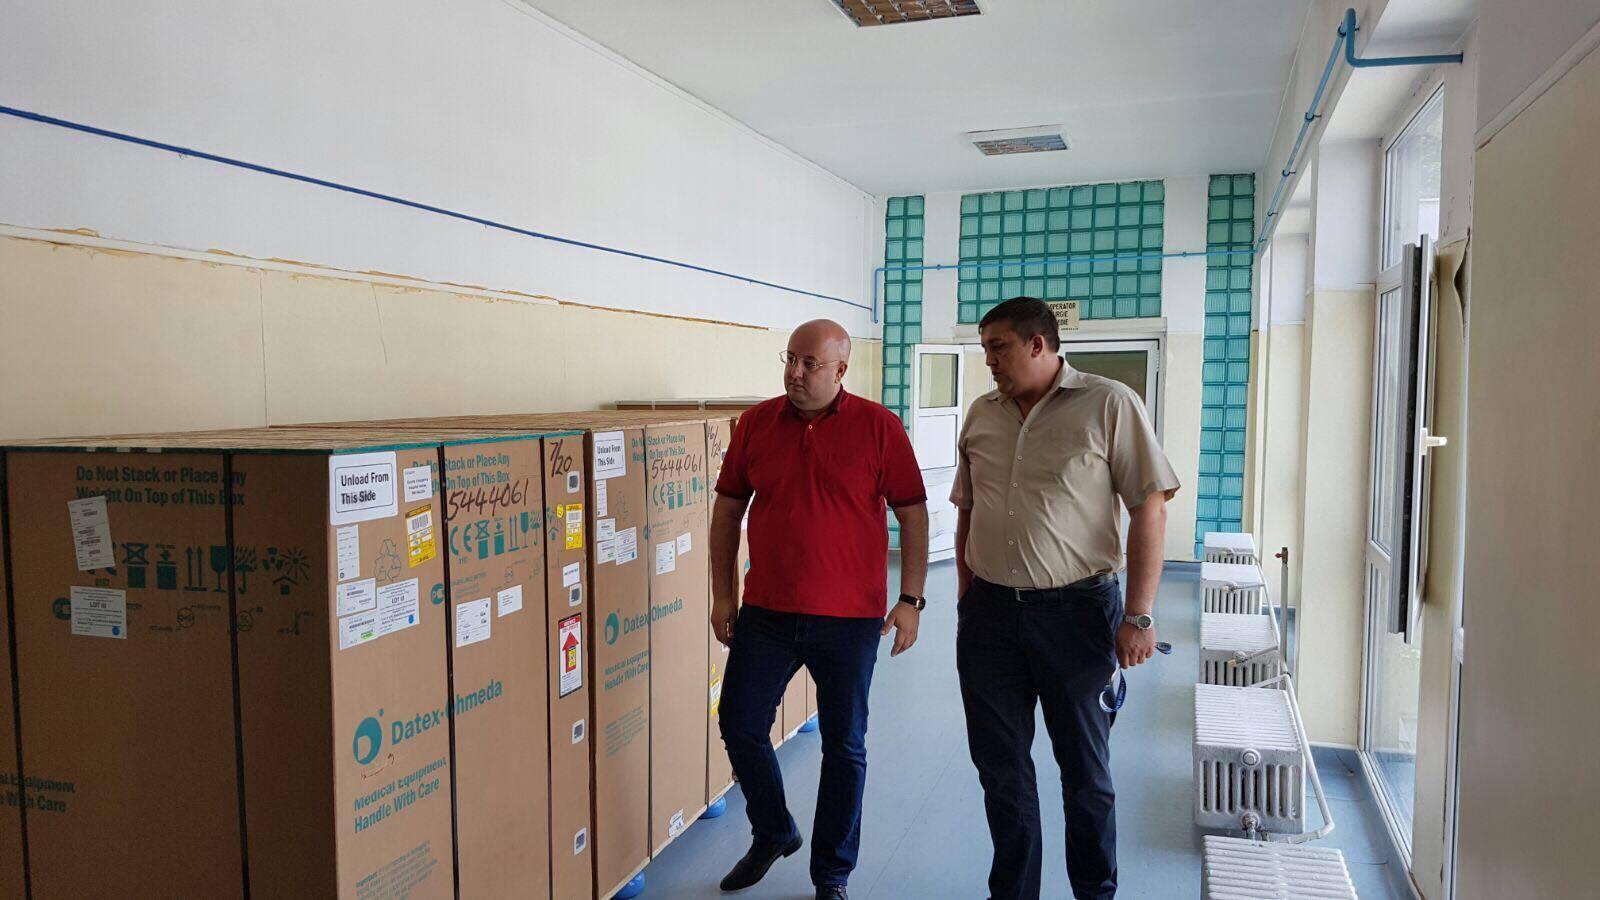 """Constantin Rădulescu: """"Domnilor de la Guvern, daţi bani primăriilor, pentru că primarii se luptă cu mâinile goale"""""""